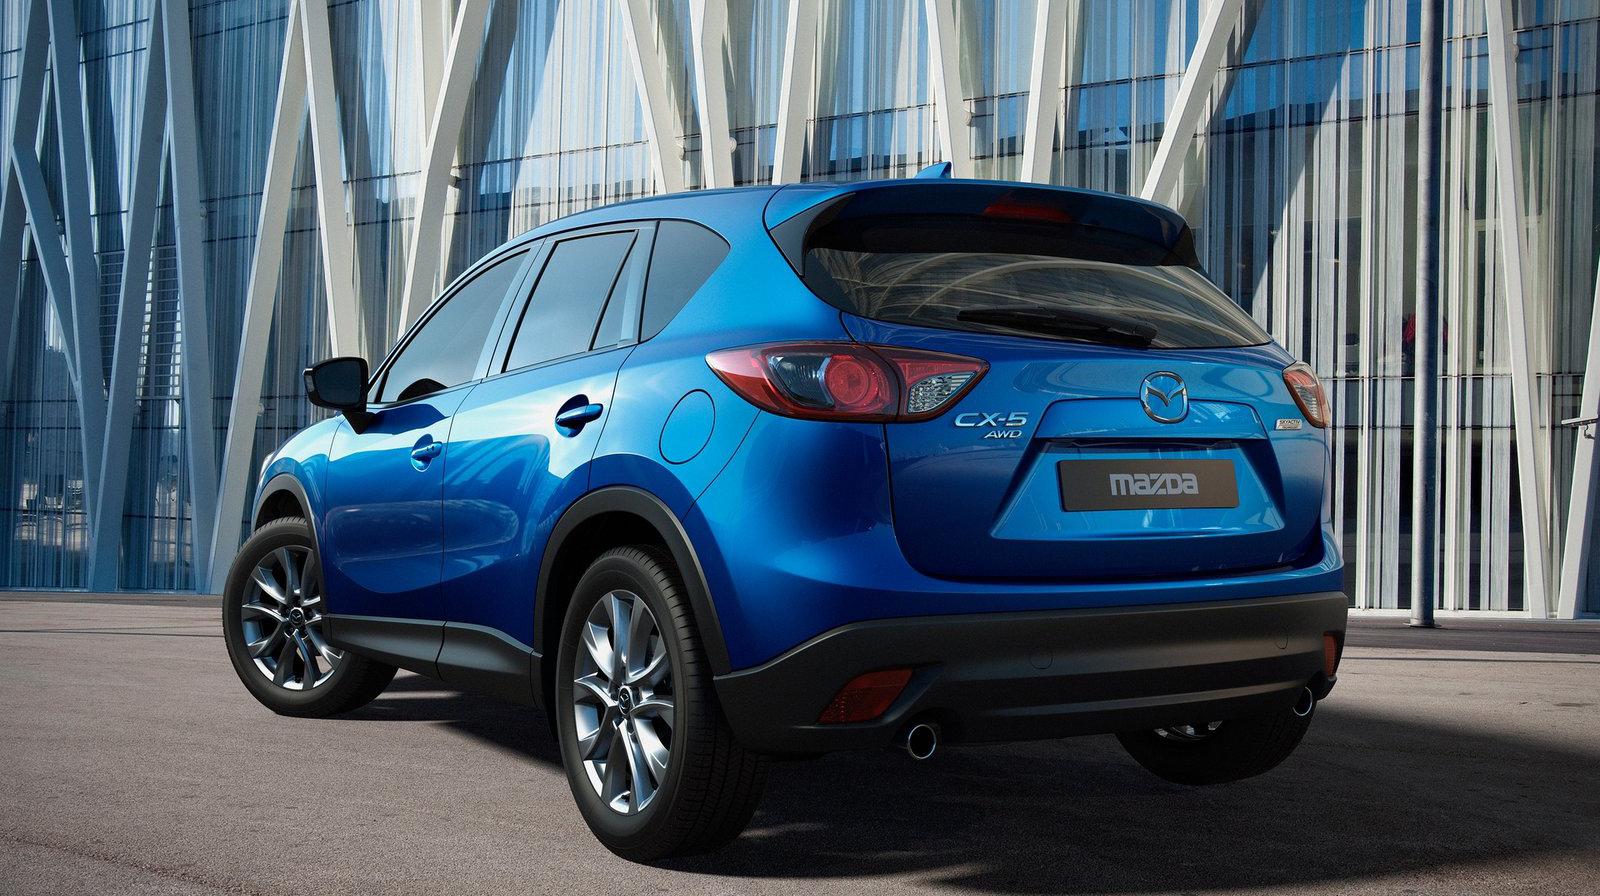 Hyundai_Tucson_Mazda CX_5_Honda_CR_V (54).jpg